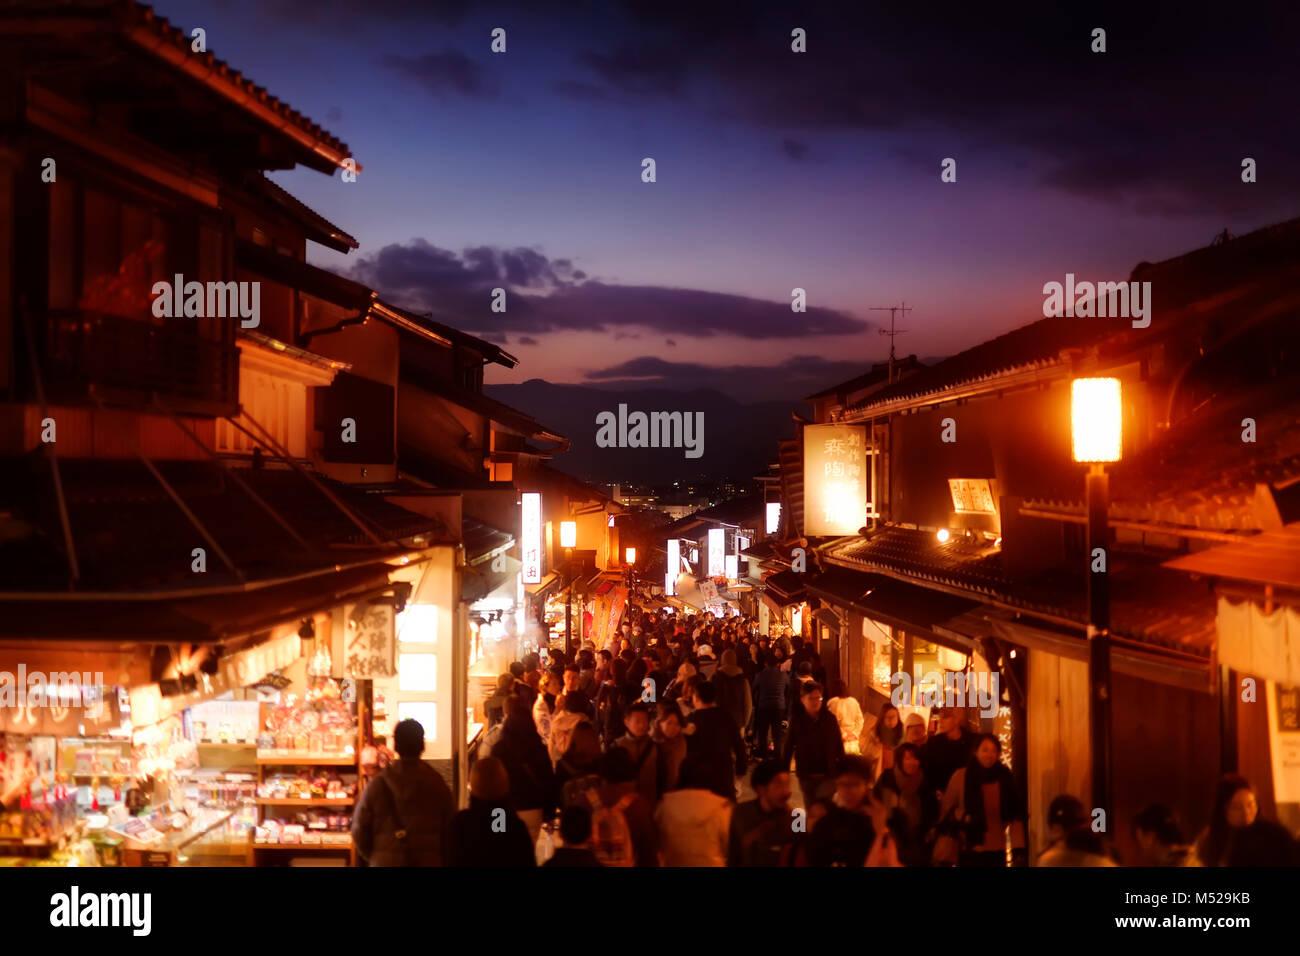 Twilight antiguo paisaje de la ciudad de Kioto en Matsubara dori street en otoño con tiendas iluminadas y las Imagen De Stock